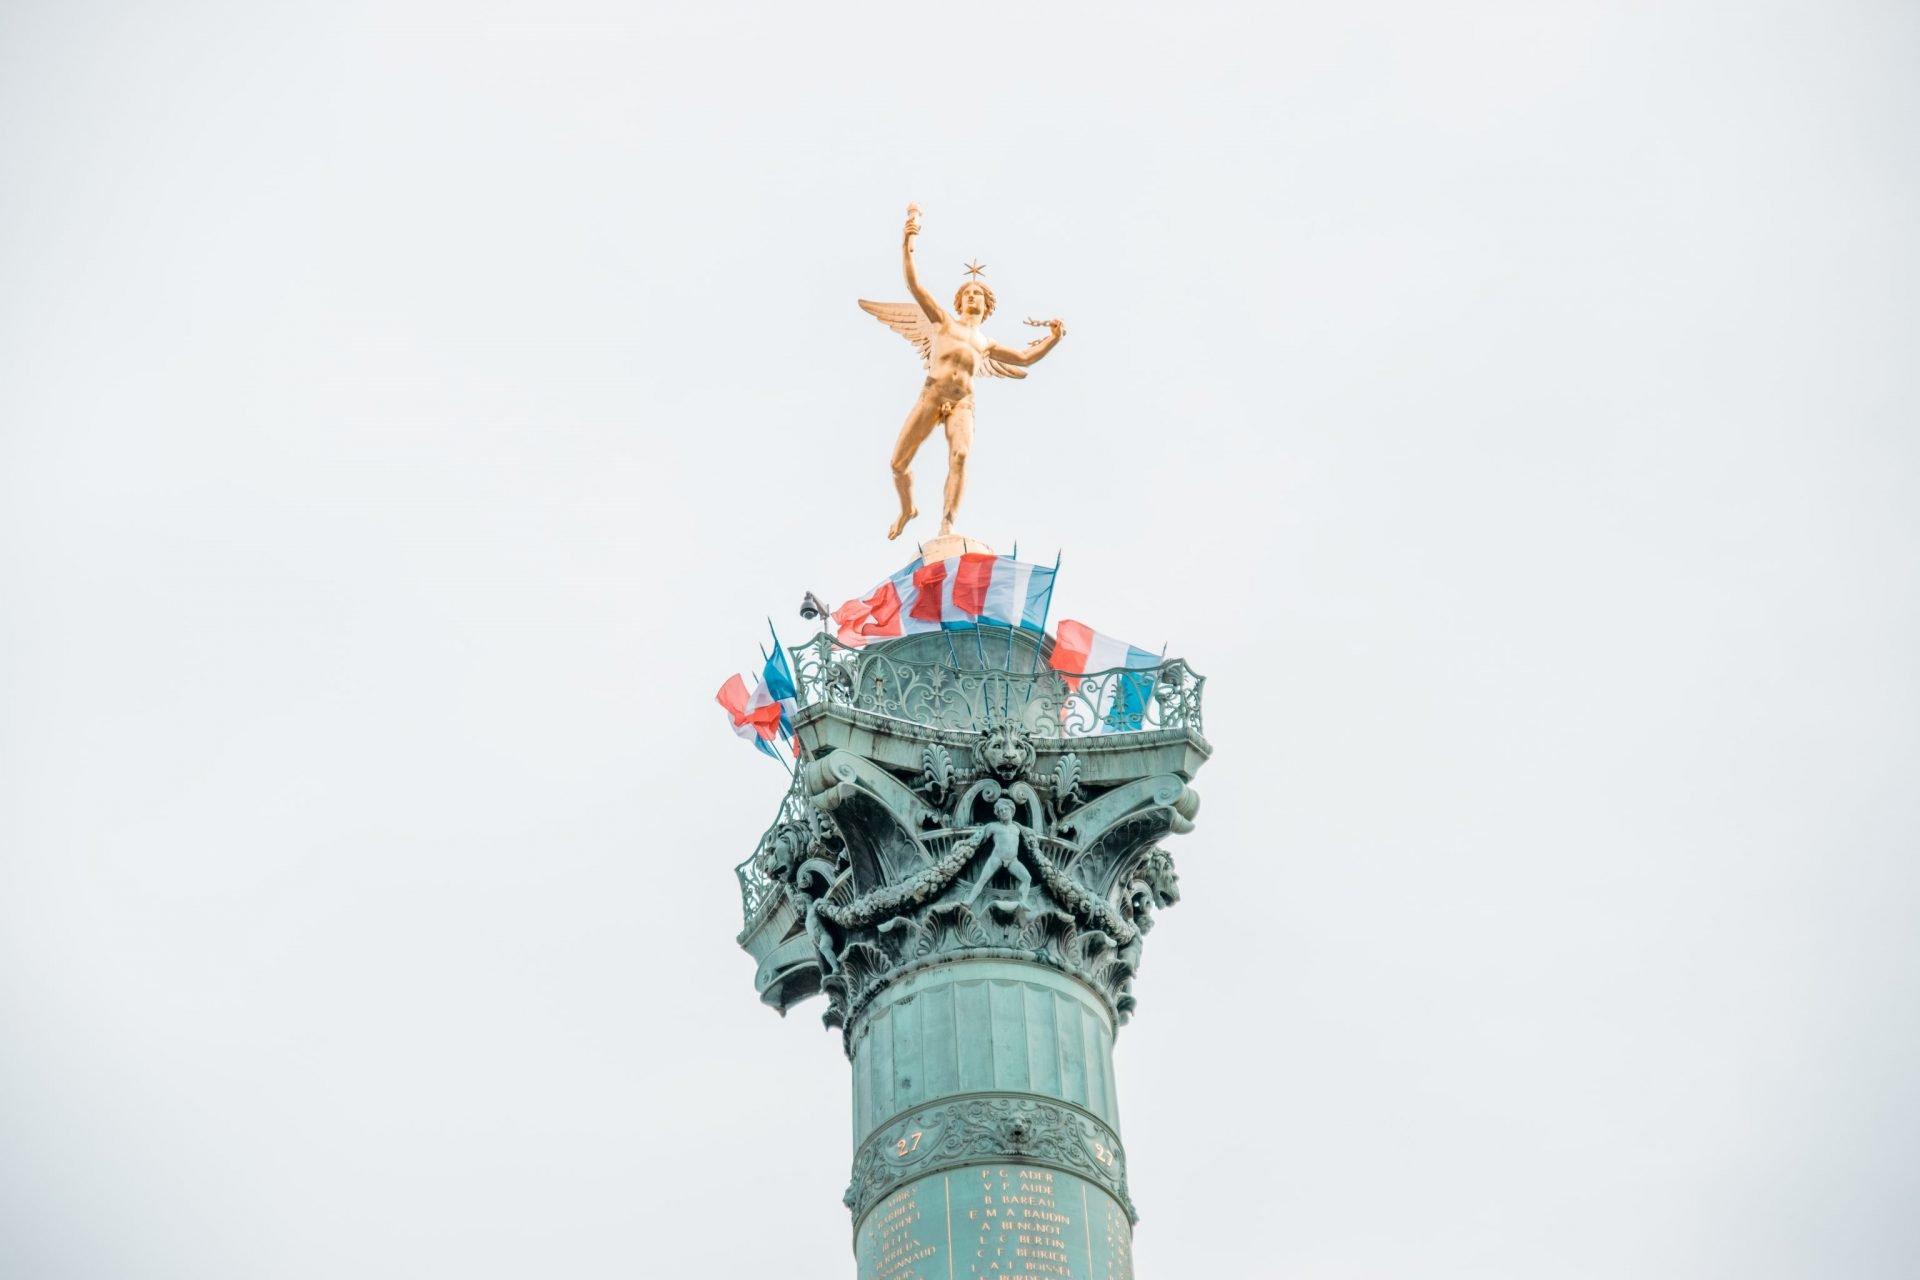 ParisMarais2 - Wandeling Parijs: de ultieme wandelroute langs alle hoogtepunten